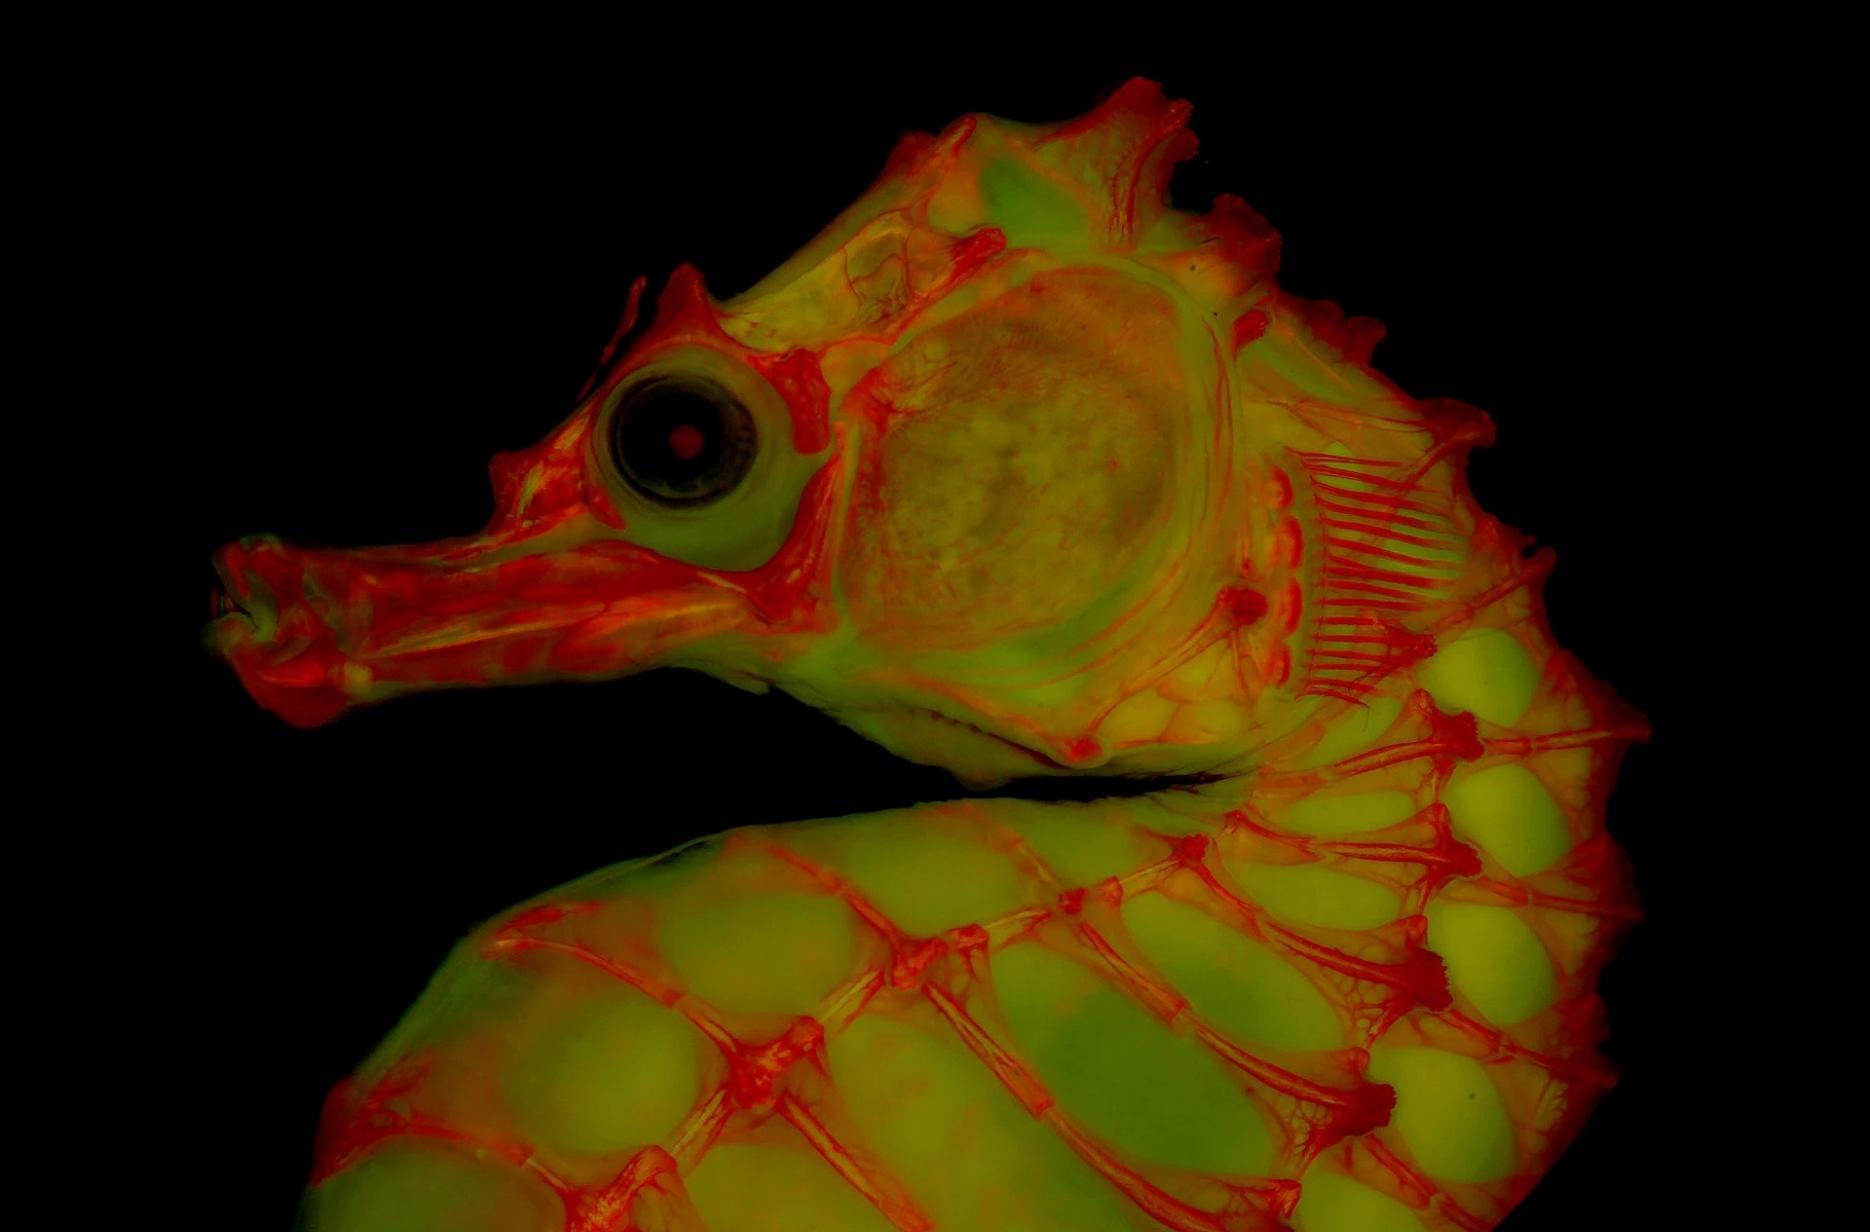 使用萤光、红色染料以及明胶的新兴摄影技术大幅提升科学家将动物骨骼视觉化的程度